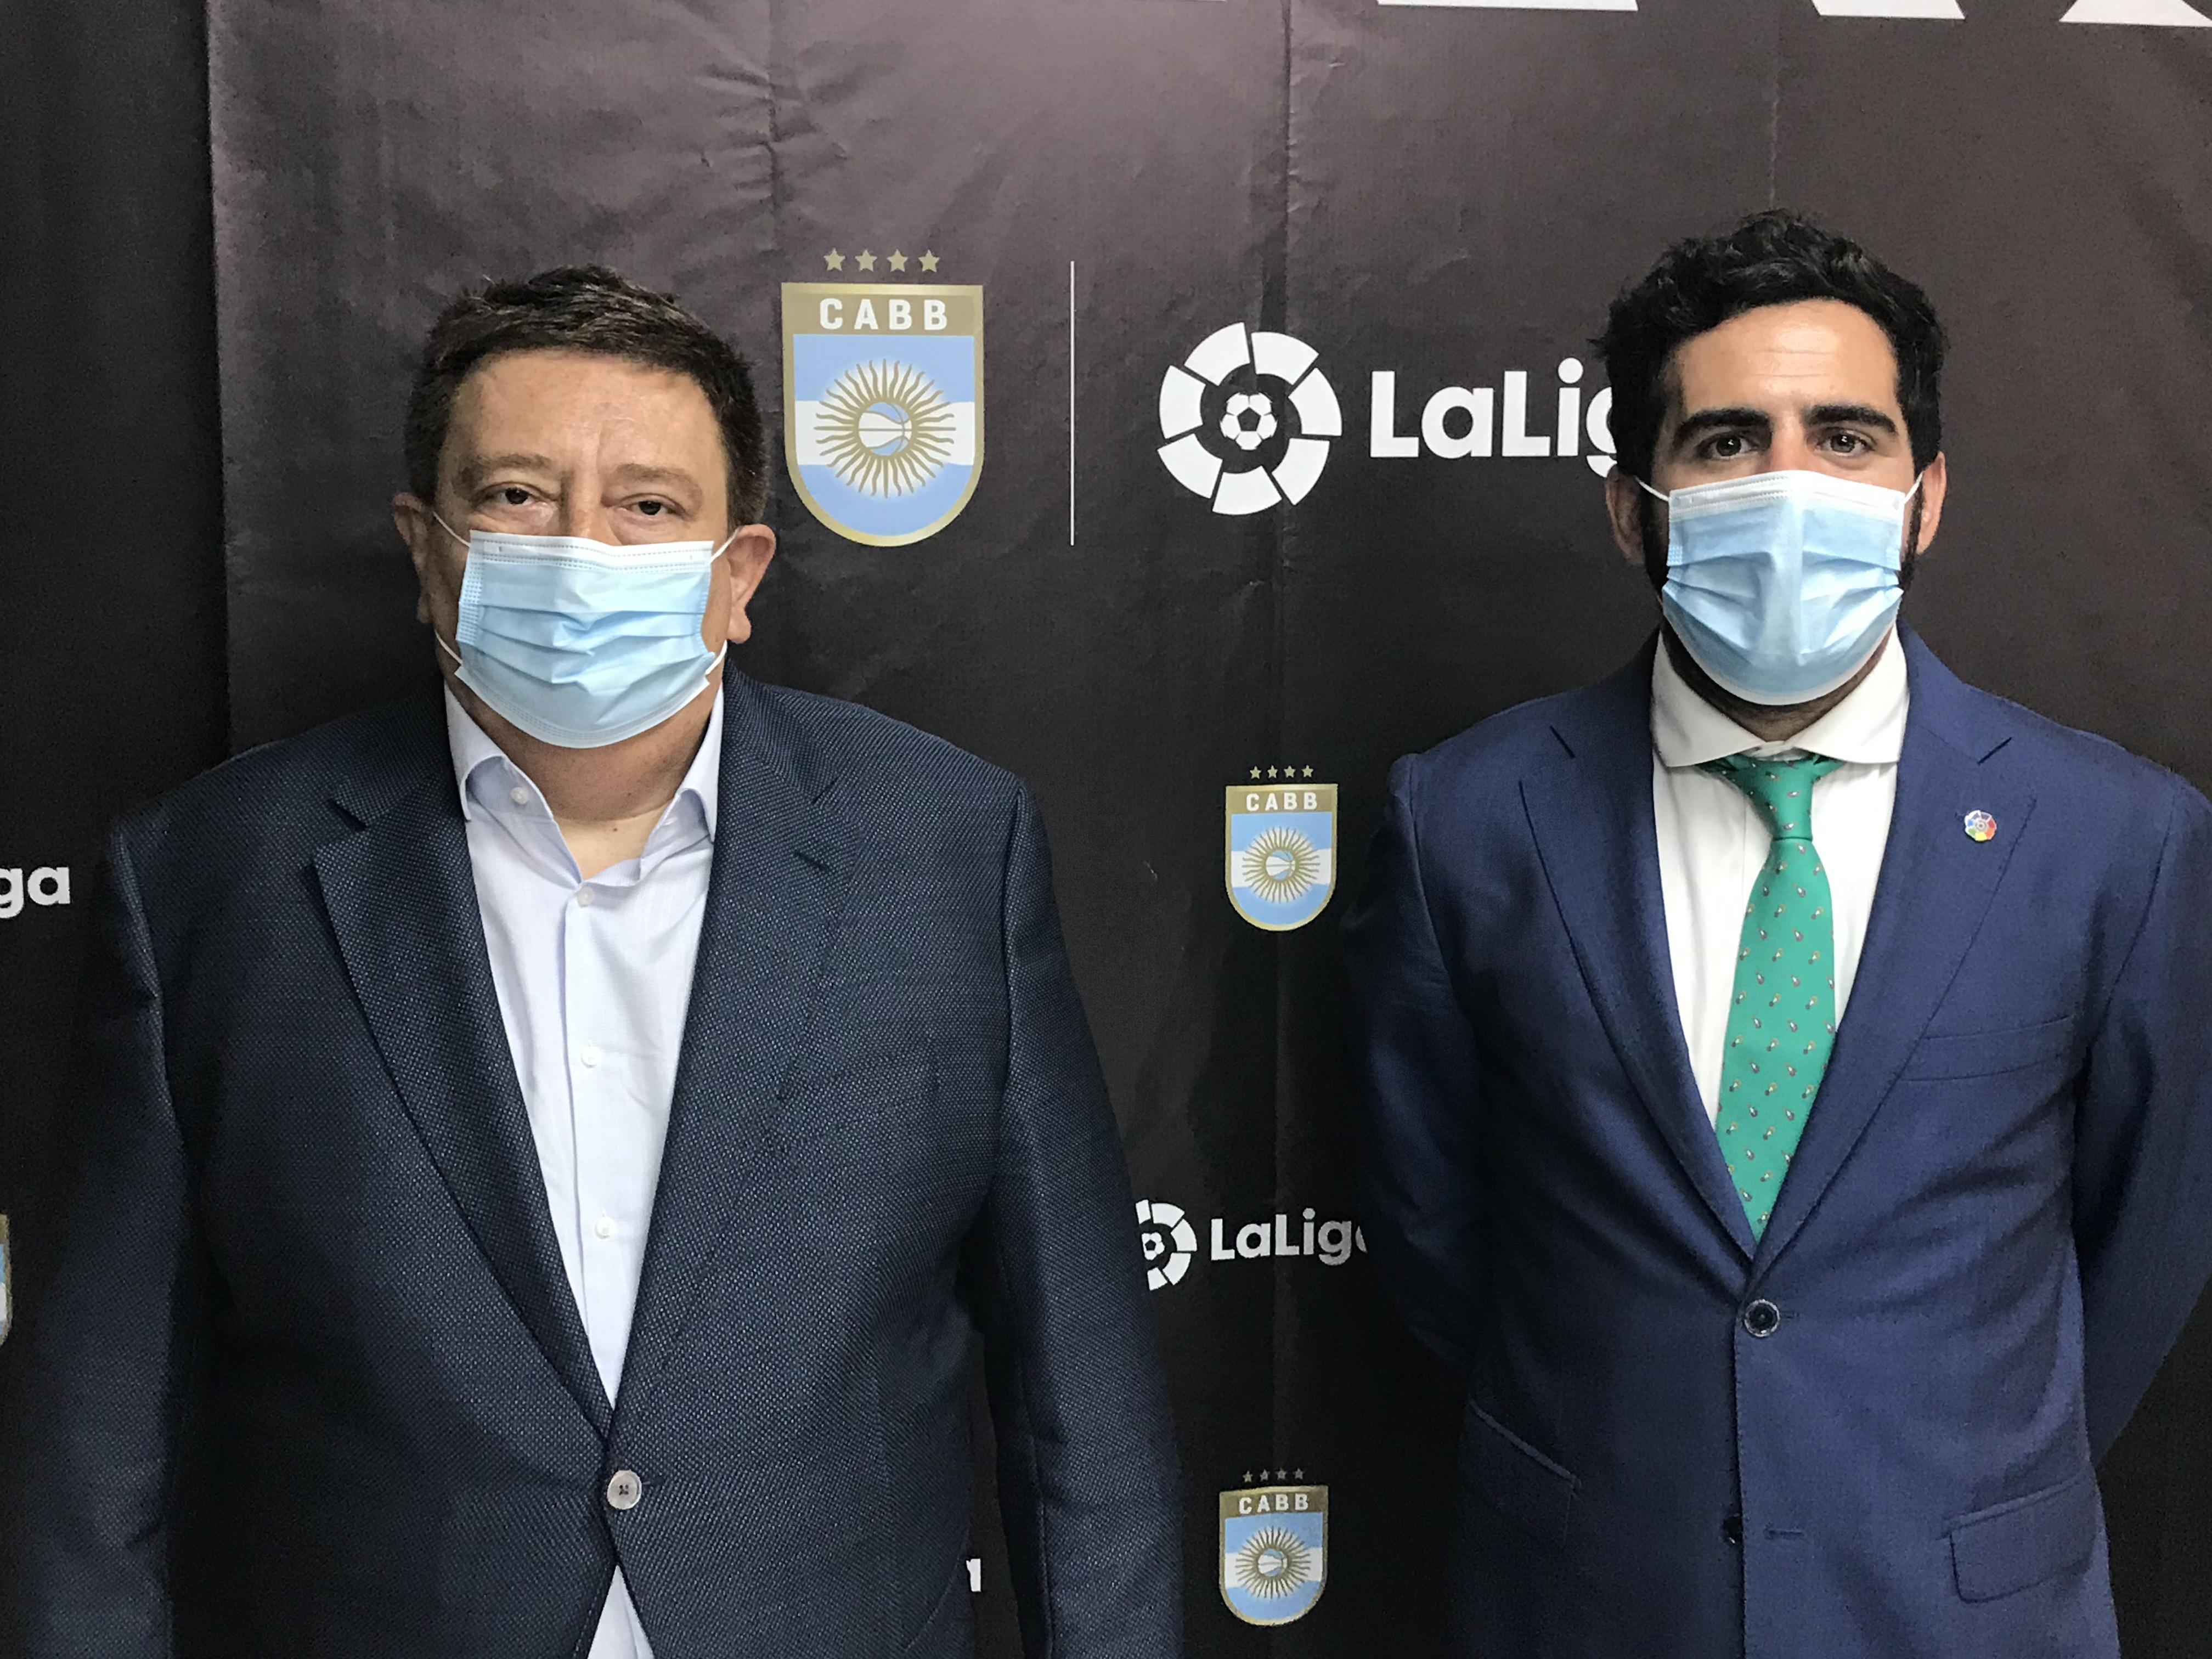 Los detalles del acuerdo con LaLiga de fútbol de España